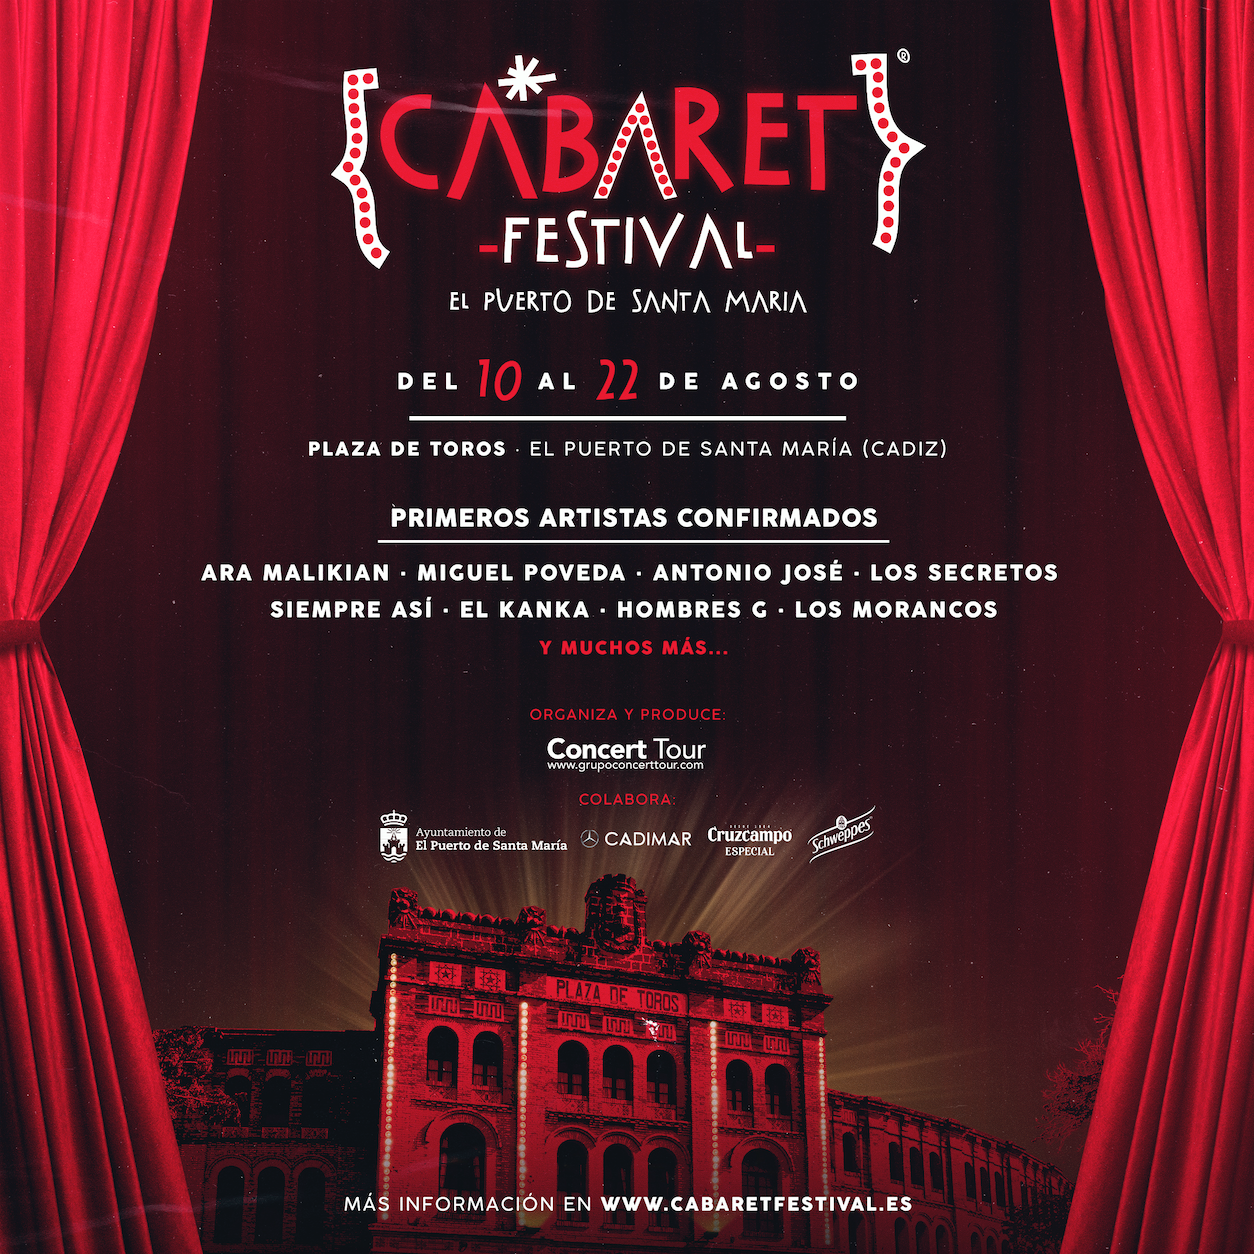 El ciclo de música y humor Cabaret Festival anuncia su primera parada en El Puerto de Santa María este verano y los primeros artistas confirmados